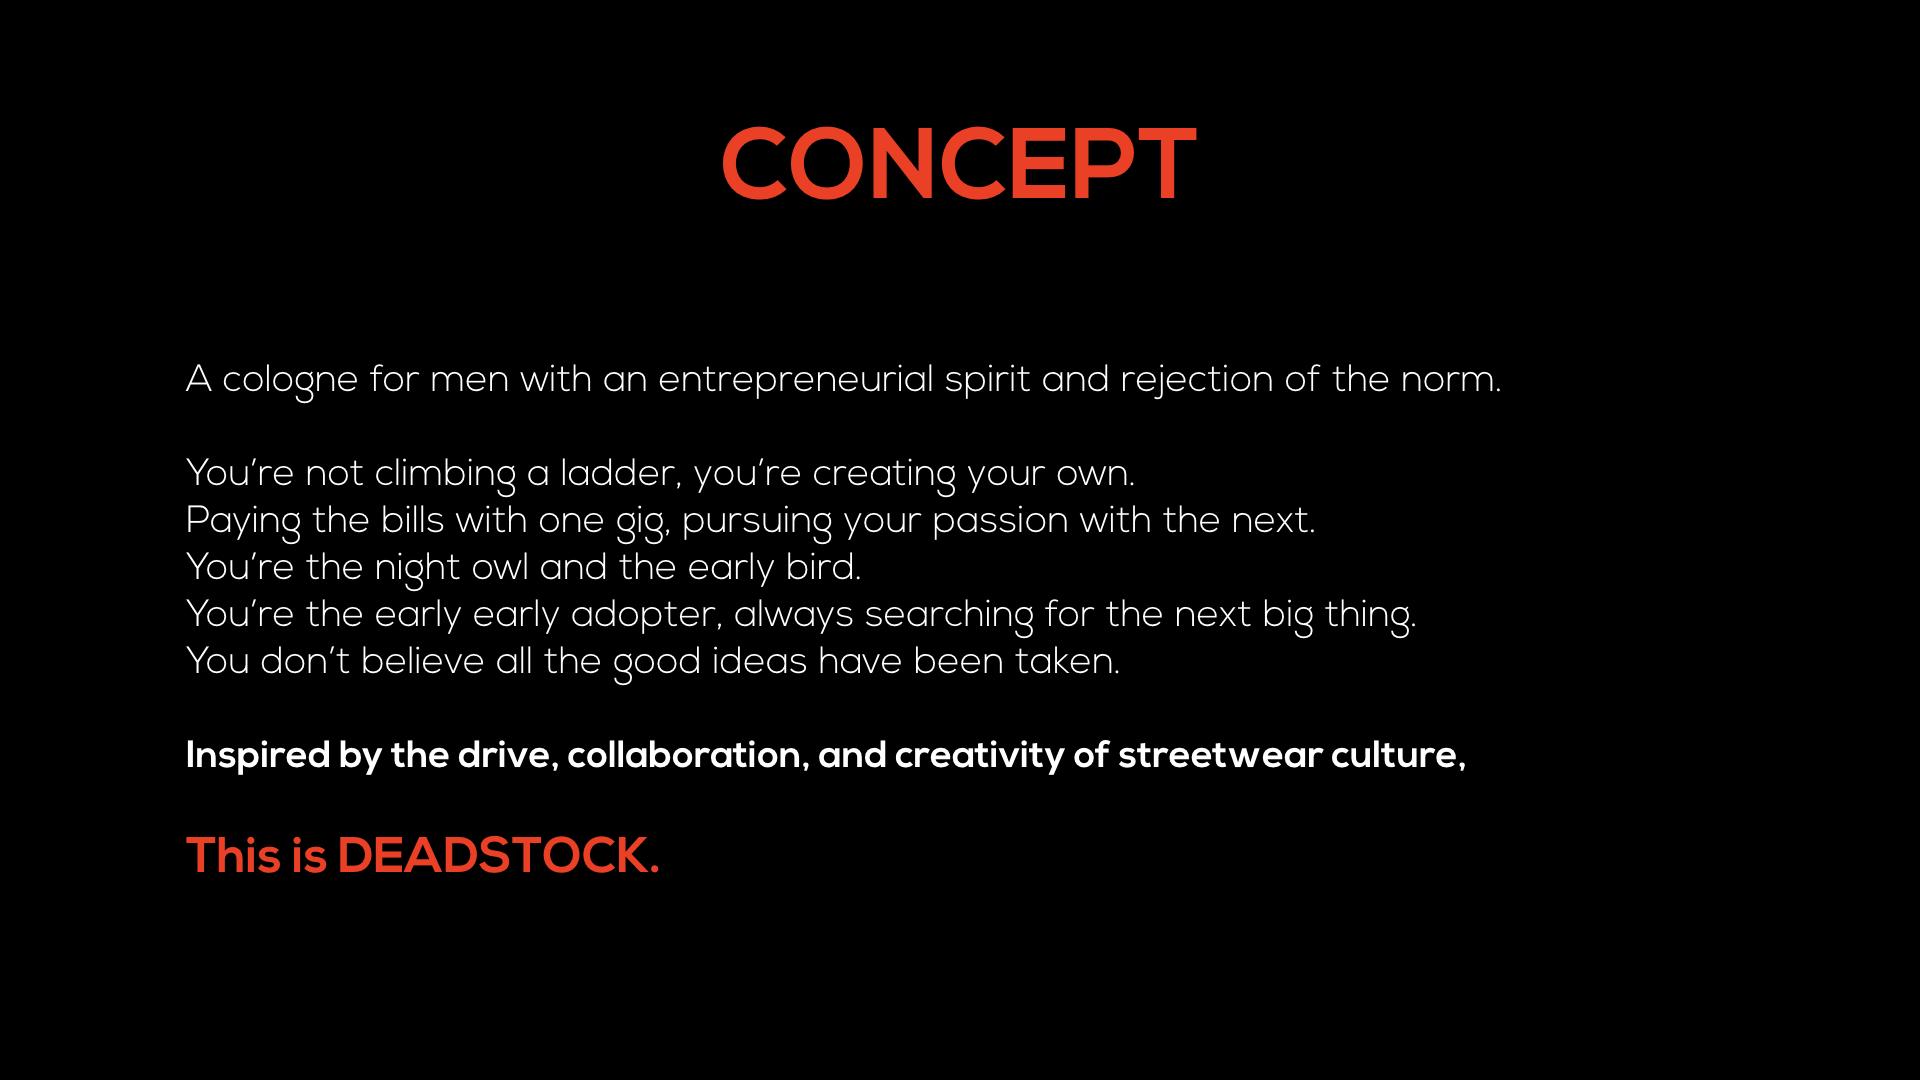 Deadstock Con.001.jpeg